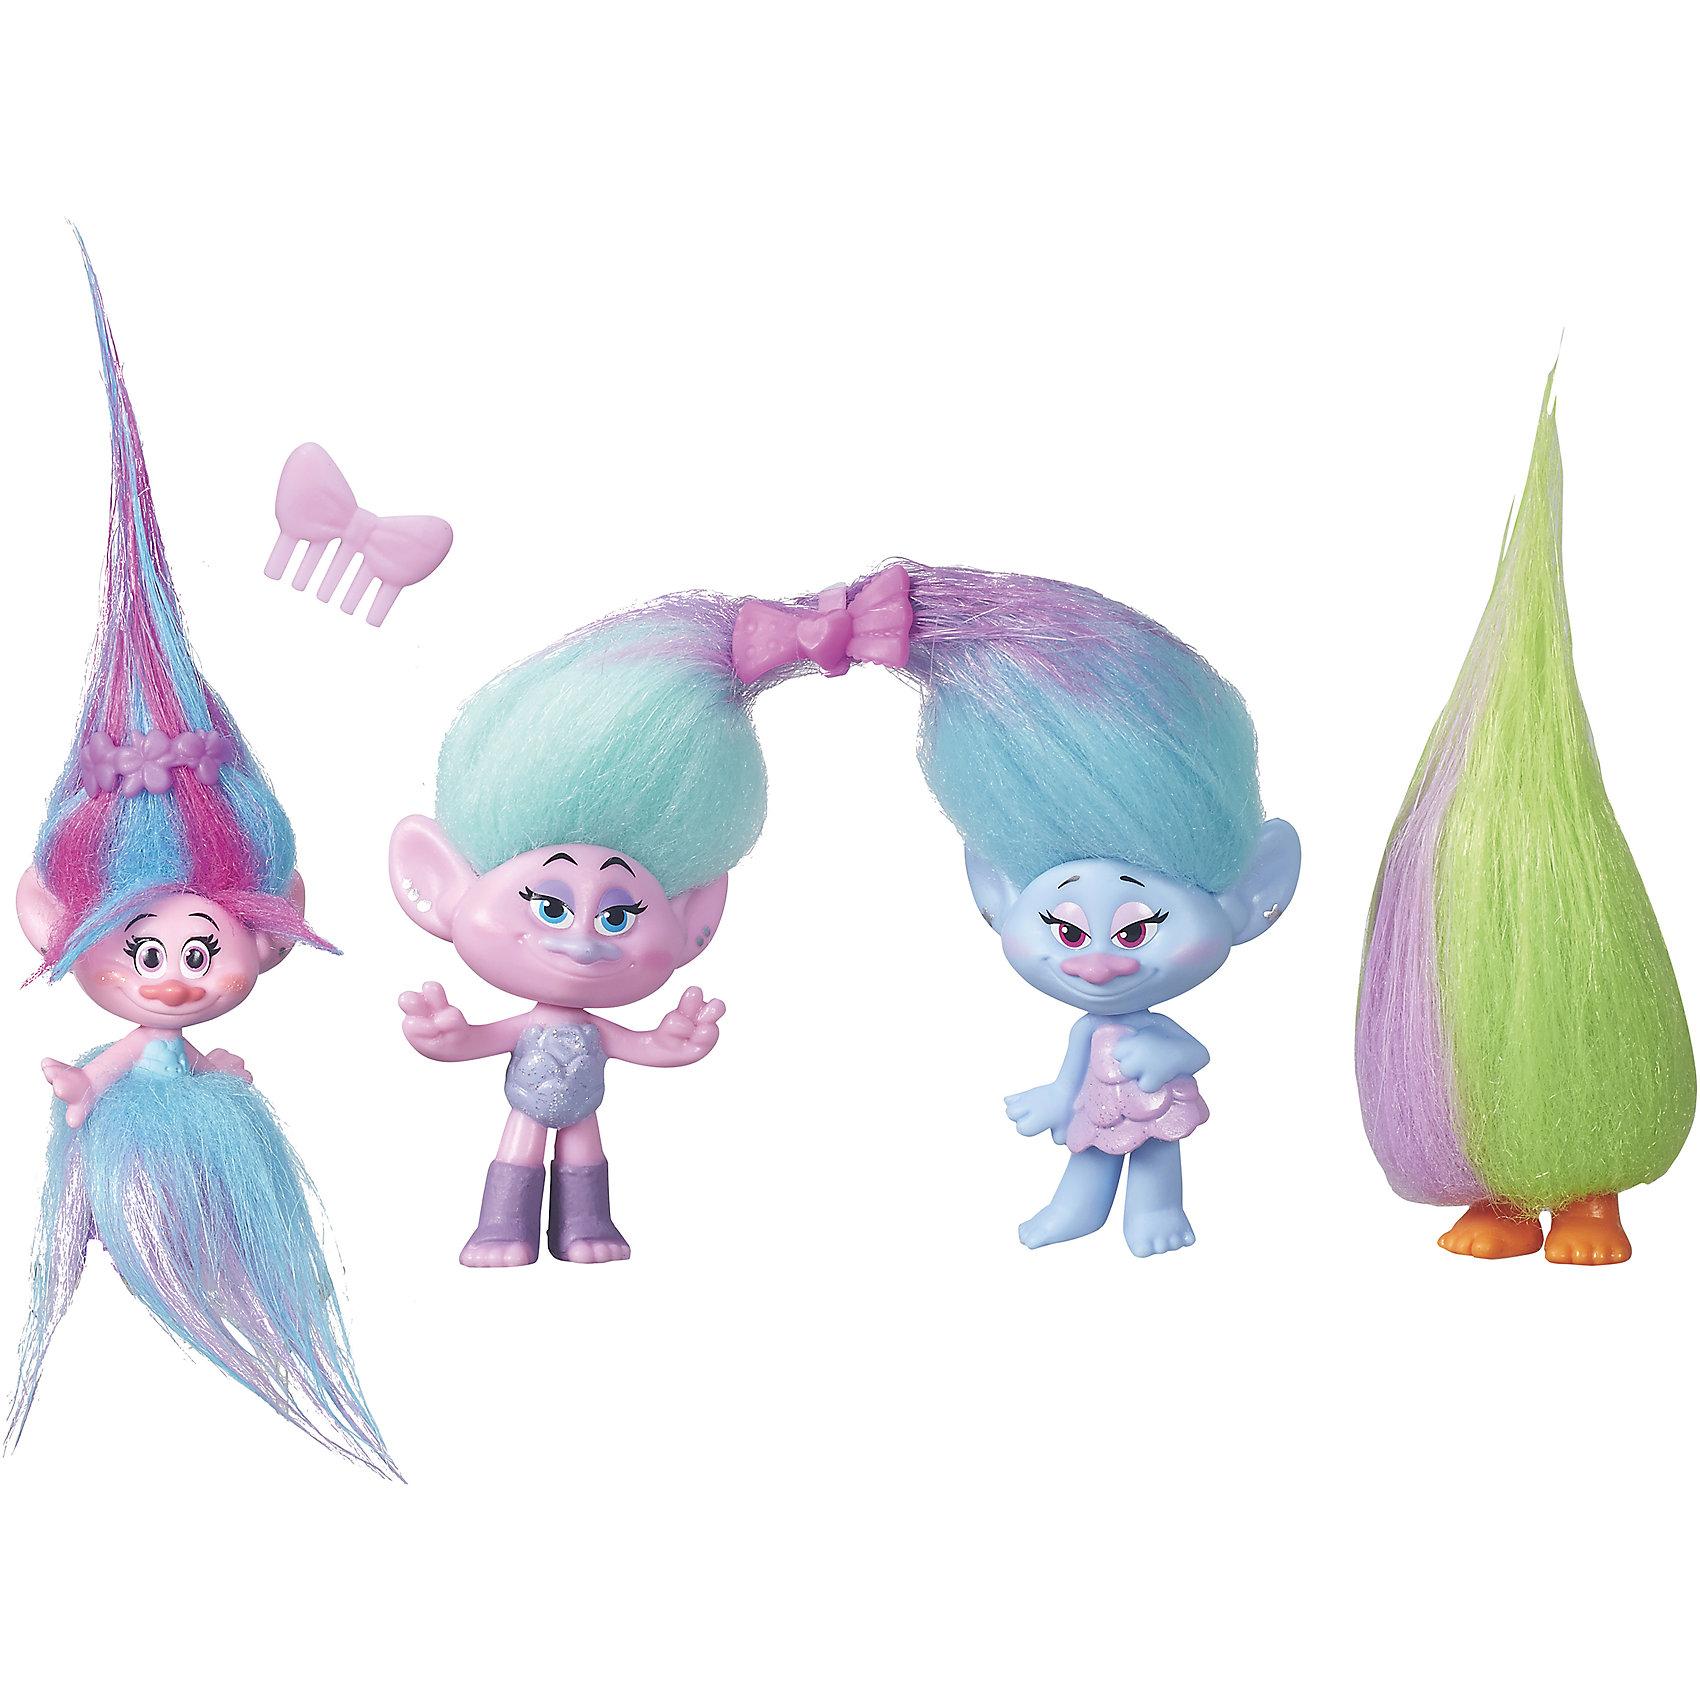 Игровой набор Модное безумие -4 героя, ТроллиТролли Игрушки<br>Игровой набор Модное безумие от торговой марки Hasbro включает в себя 4 фигурки, изображающие персонажей известного мультфильма Тролли, вышедшего на широкий экран совсем недавно и уже успевшего завоевать популярность по всему миру.<br><br>Серия Poppy Fashion Frenzy от Хасбро предлагает ребенку не только использовать фигурки Trolls в игре, но и менять их образ при помощи аксессуаров, входящих в комплект. Расчесывать же яркие длинные волосы троллей ребенок сможет, используя гребешок, также имеющийся в комплекте<br><br>Комплект: 4 фигурки троллей, гребешок.<br>Из чего сделана игрушка (состав): пластик, текстиль.<br>Размер упаковки: 28 х 20 х 4.5 см.<br>Упаковка: блистер на картоне.<br>Высота фигурки: 10 см.<br><br>Ширина мм: 44<br>Глубина мм: 279<br>Высота мм: 203<br>Вес г: 122<br>Цвет: фиолетово-розовый<br>Возраст от месяцев: 48<br>Возраст до месяцев: 192<br>Пол: Унисекс<br>Возраст: Детский<br>SKU: 5245126